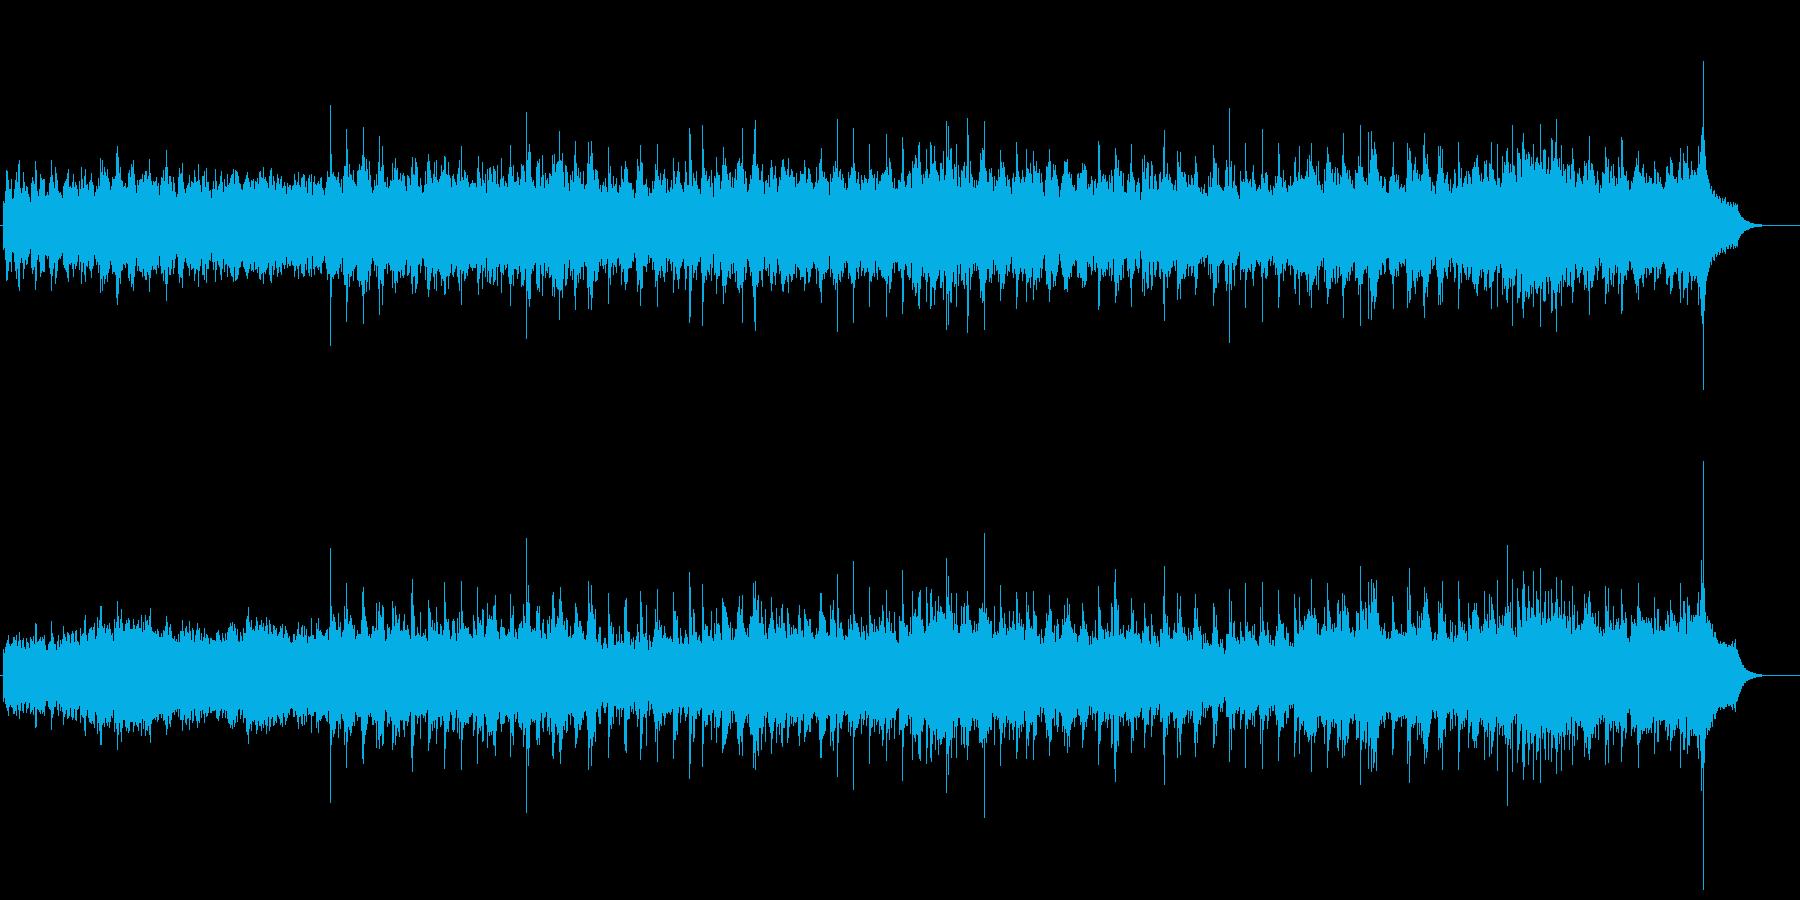 青空(フレッシュ・エアー)の再生済みの波形